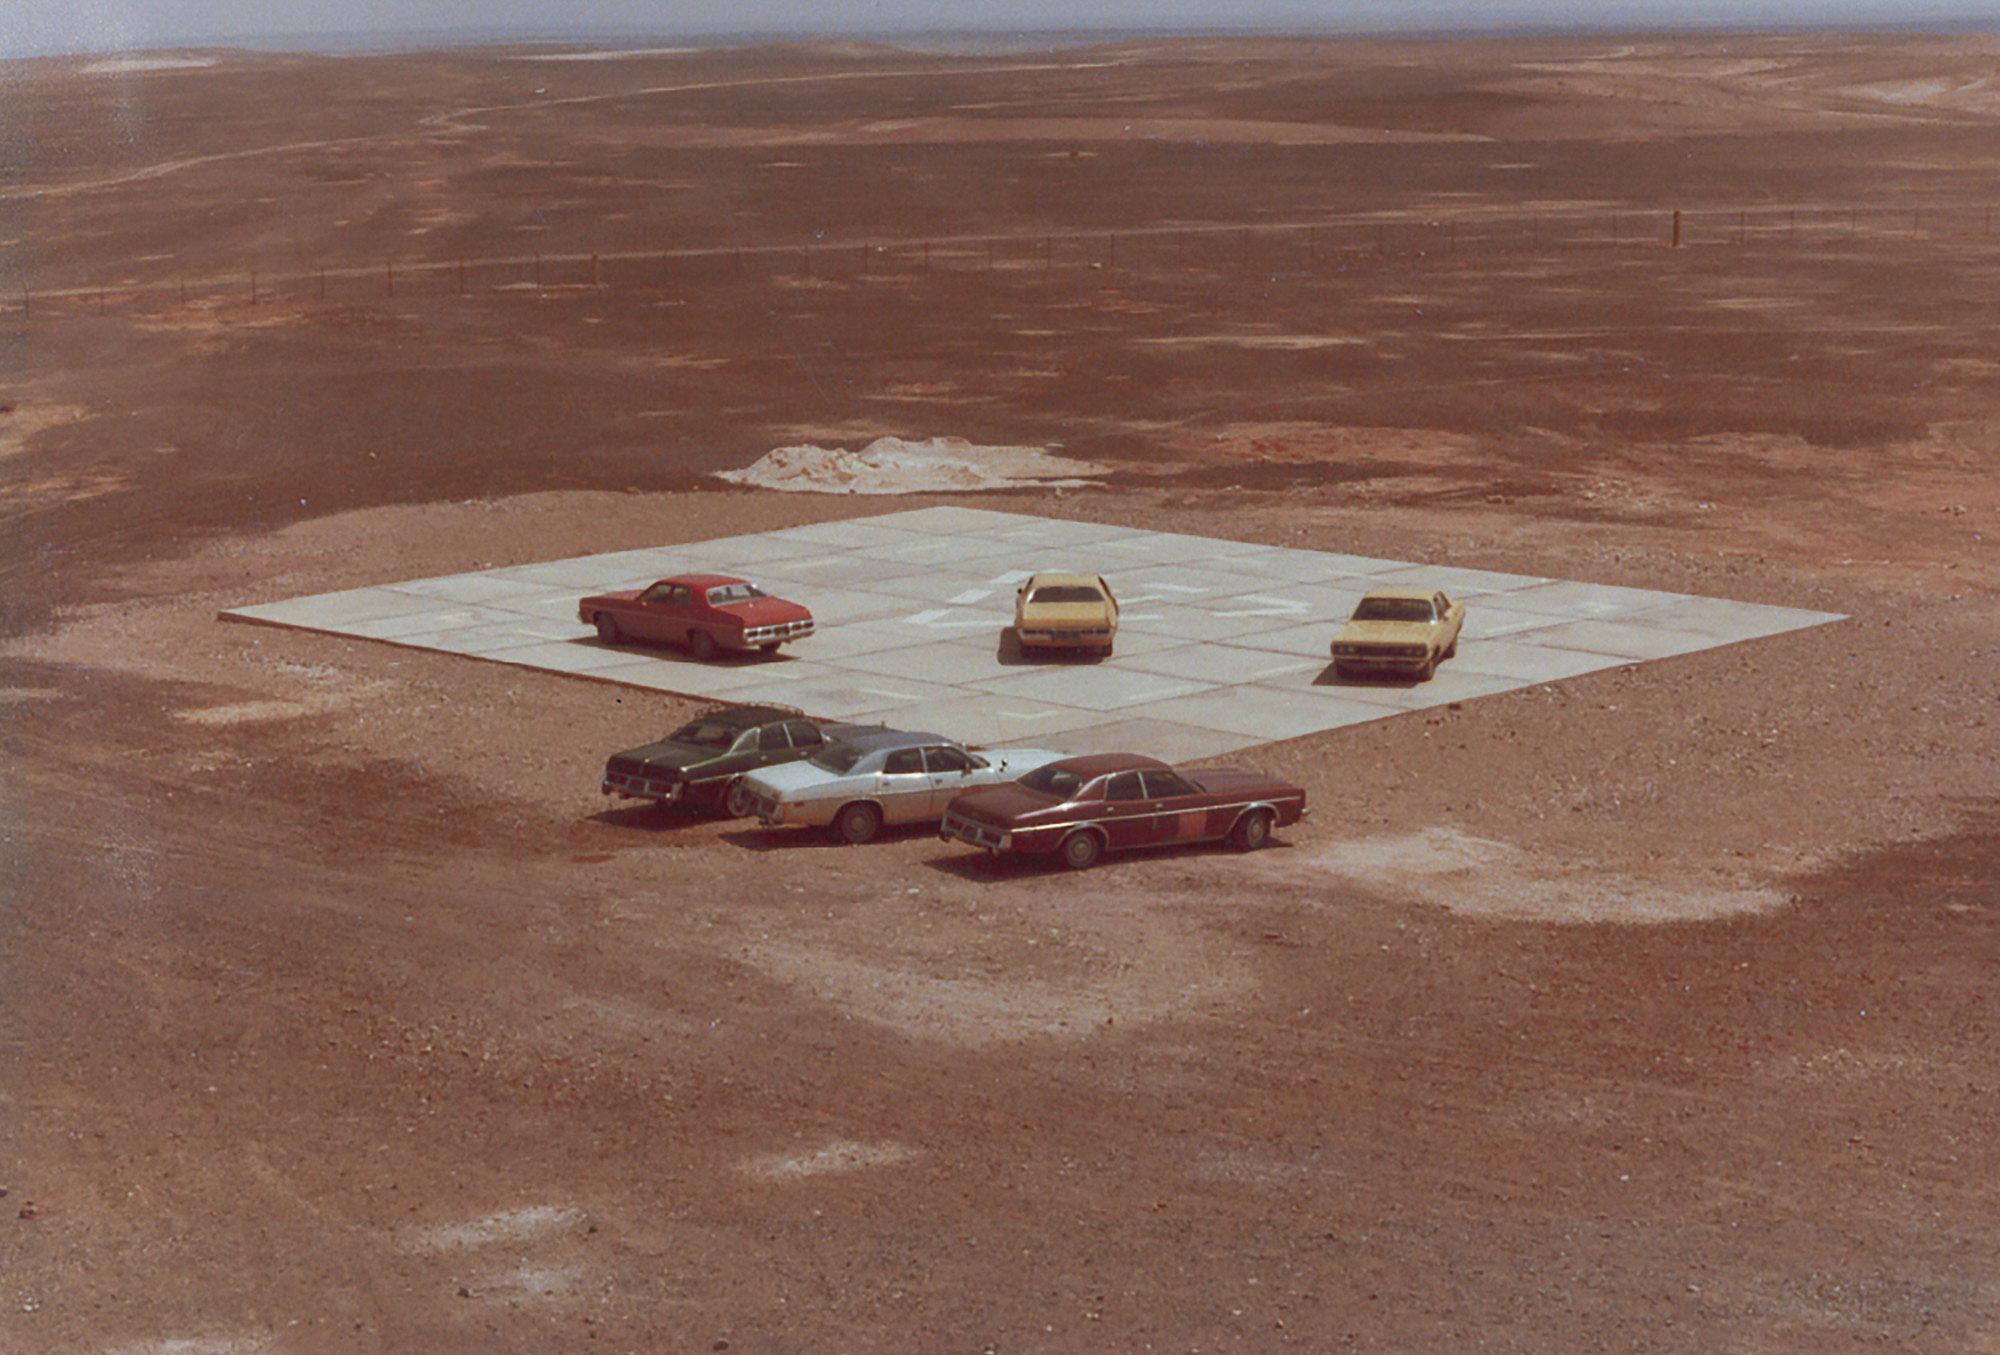 Wüste, in der Bildmitte ein gepflasterter Hubschrauberlandeplatz. Darauf und daneben parken insgesamt sechs Autos